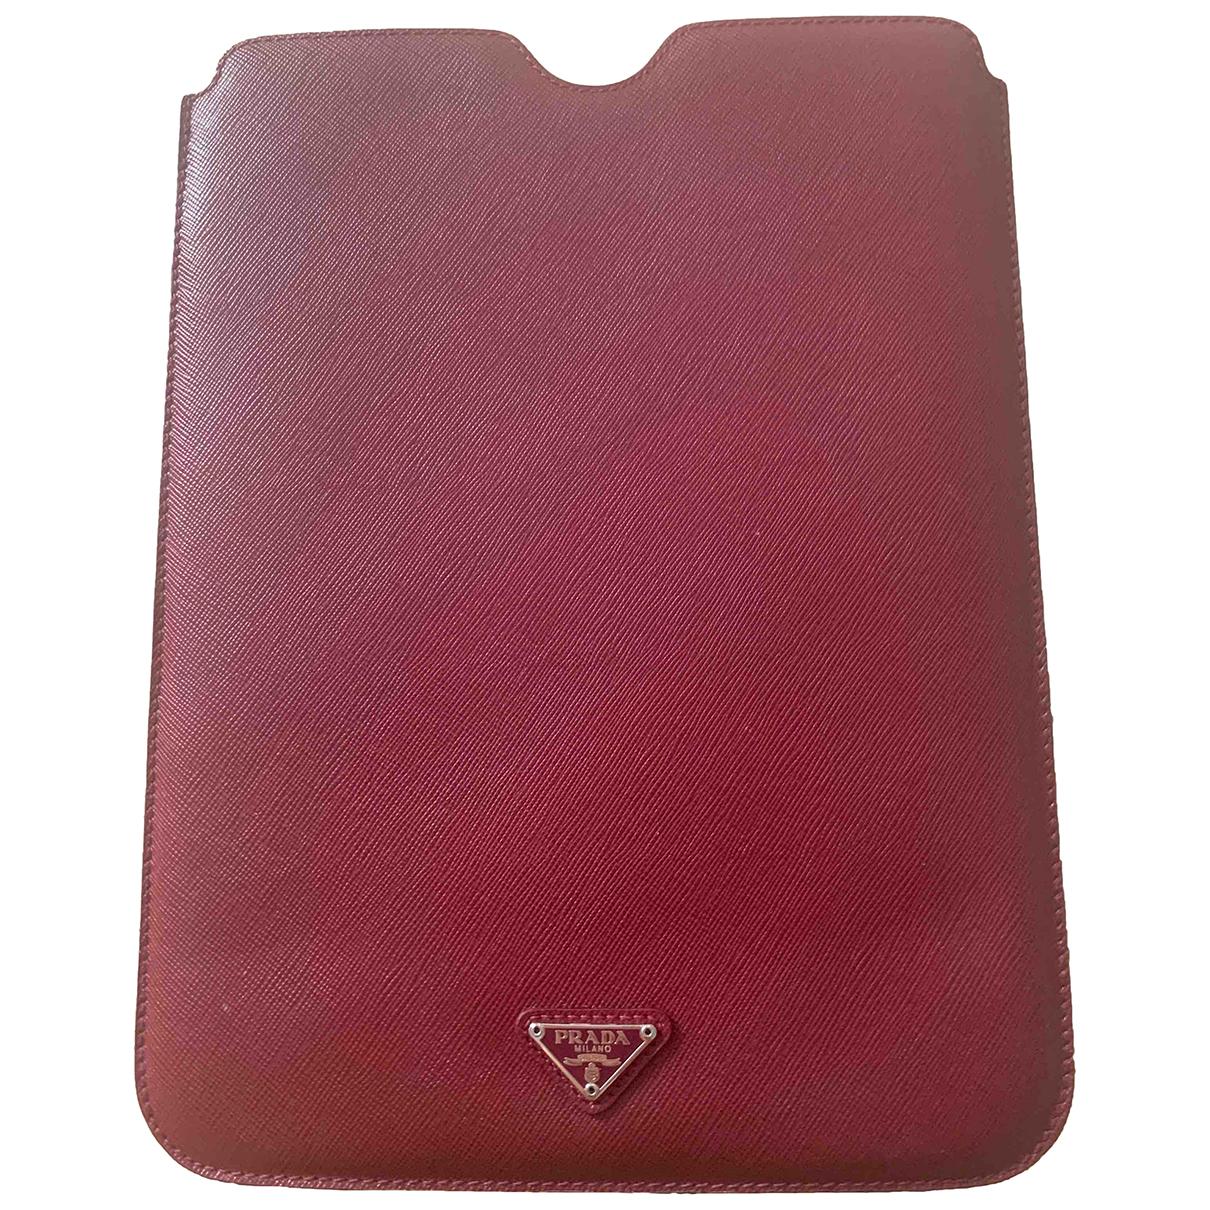 Prada N Burgundy Leather Purses, wallet & cases for Women N